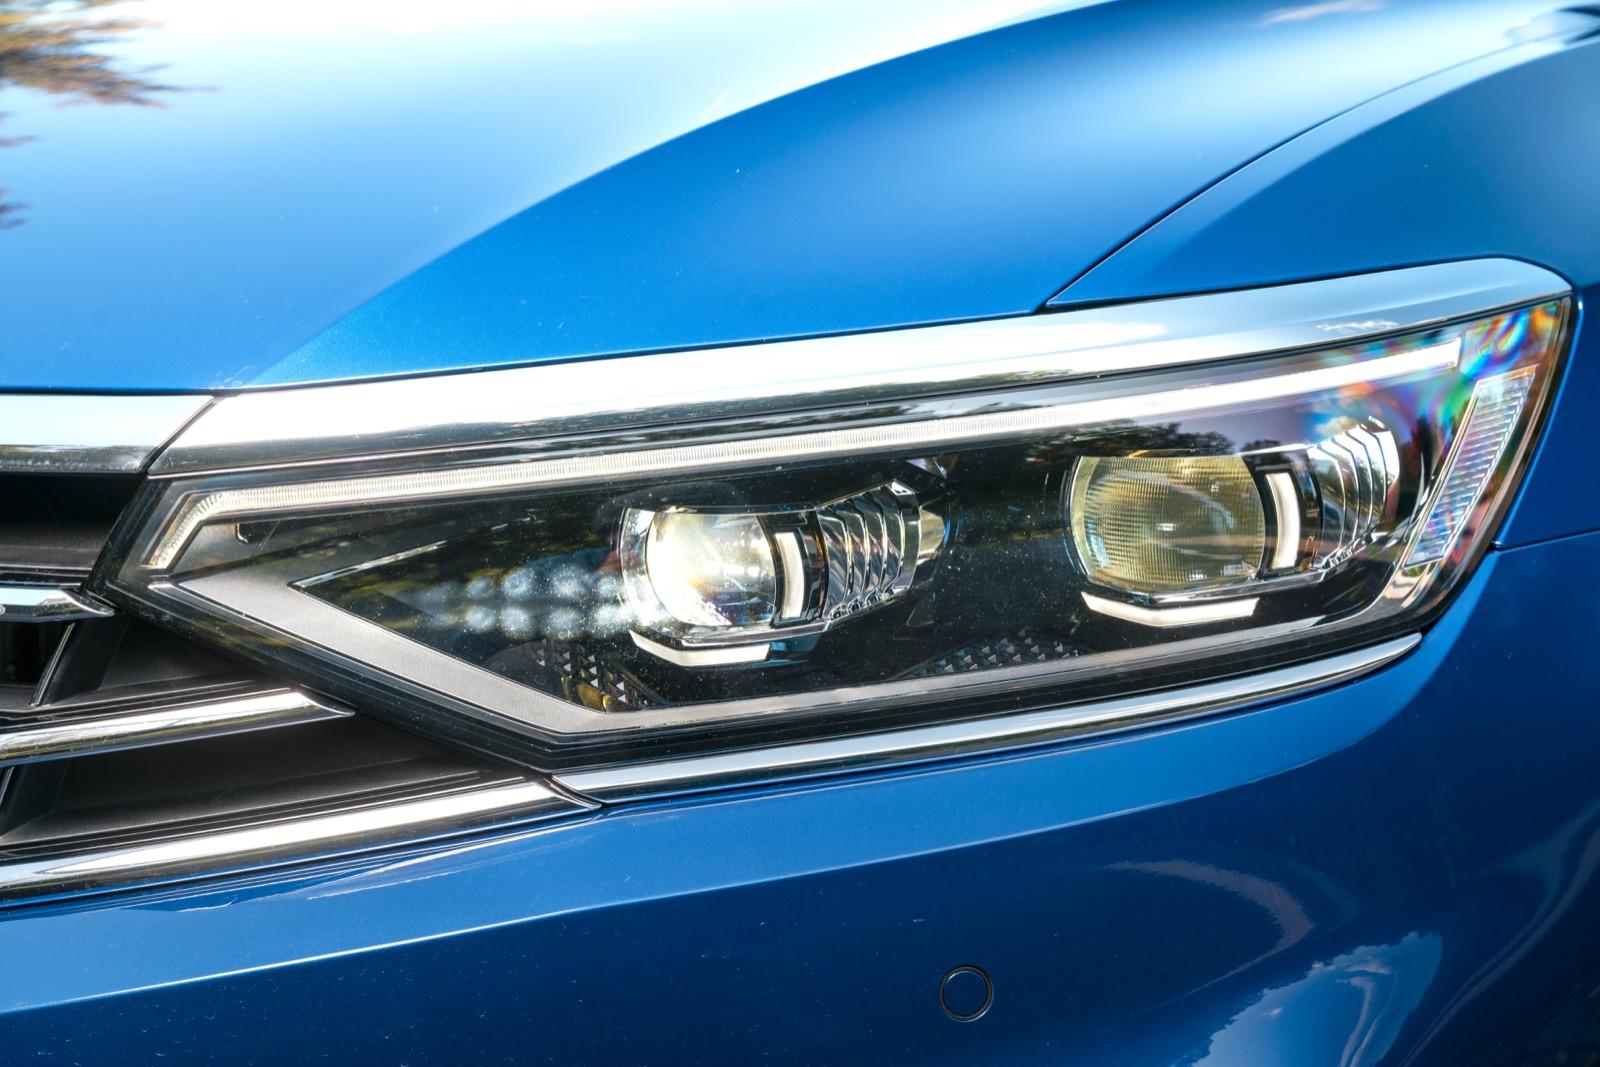 Passats nya iQ-Matrix LED-ljus är bland de bästa vi uppmätt.